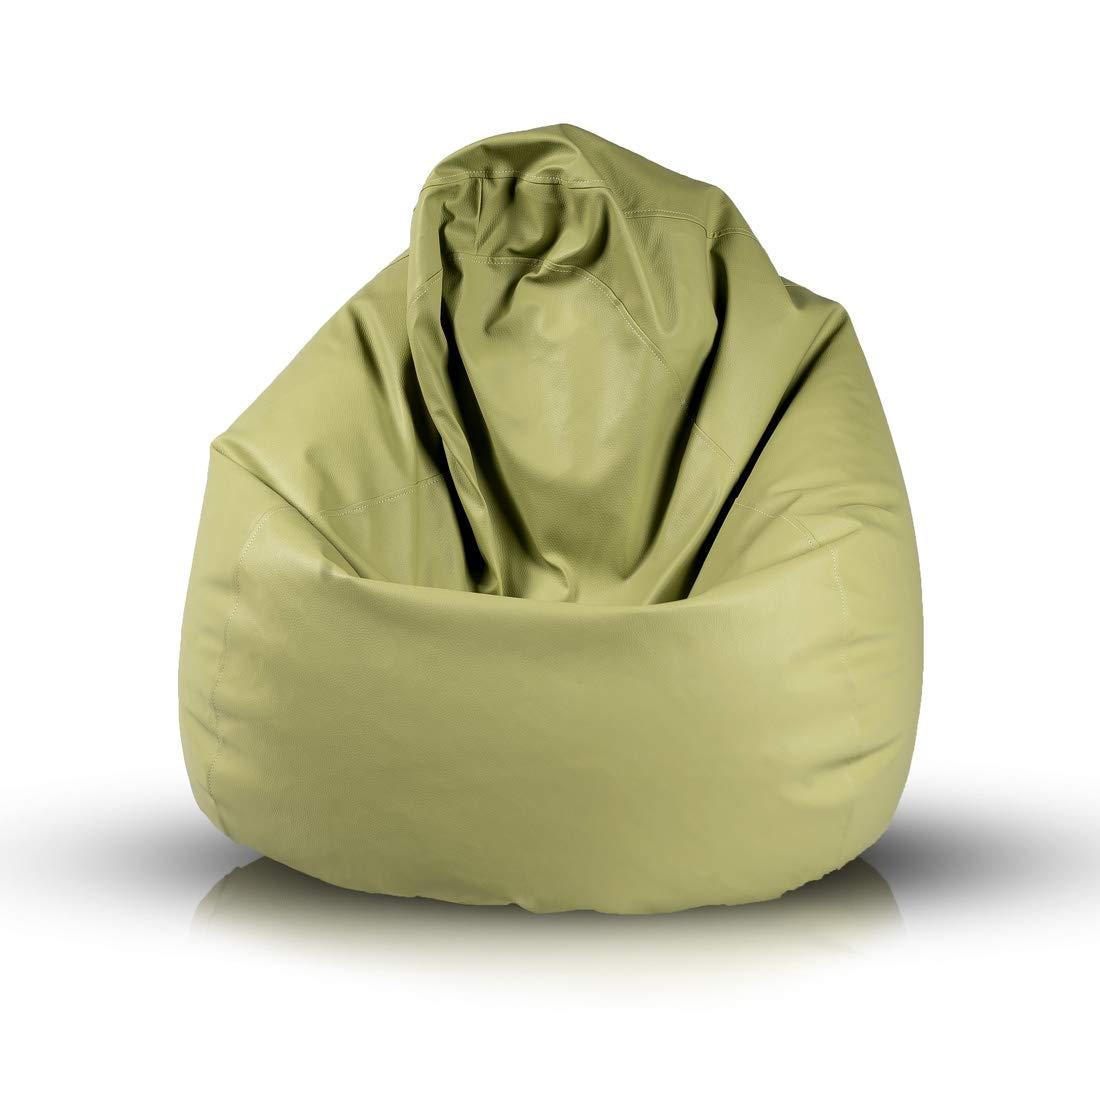 Riempimento Necessario: 200L 110x80 cm Ideale per Adolescenti e Adulti Realizzata in Ecopelle Fuzzy Pouf Cover Arancione E4